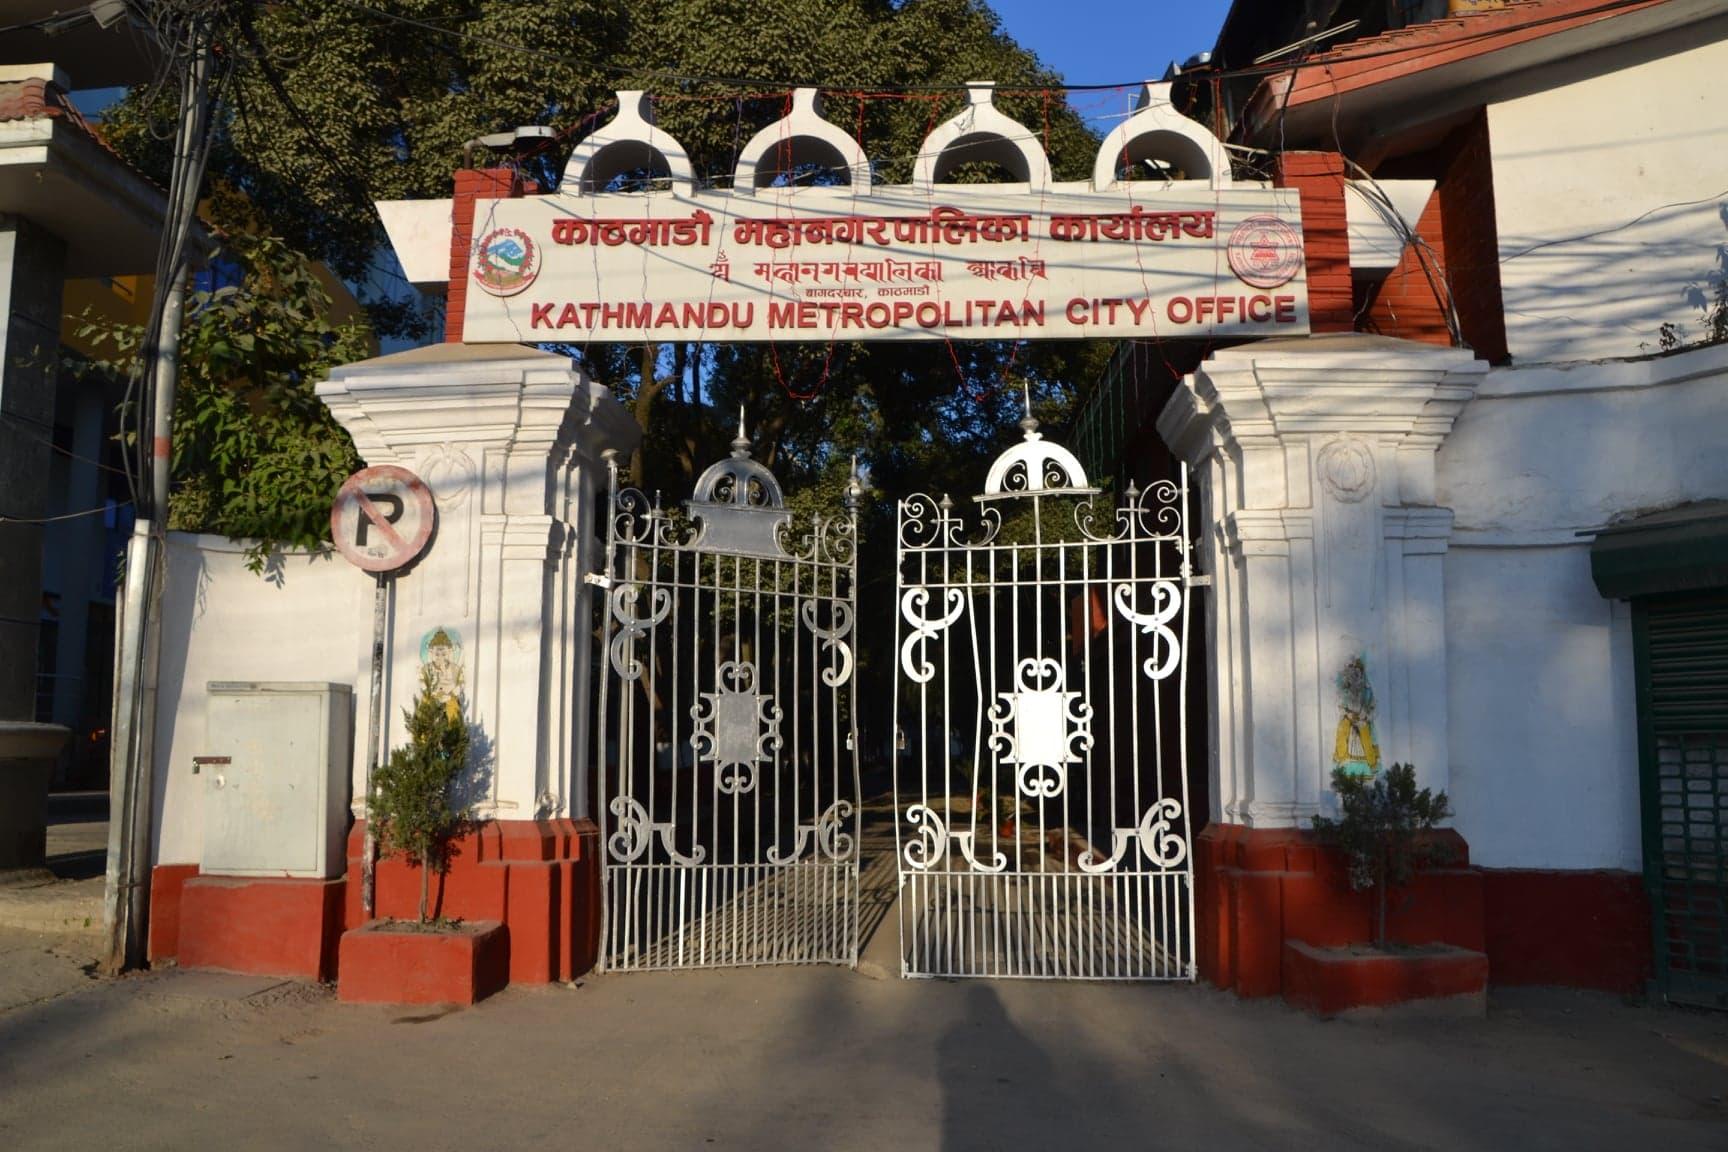 काठमाडौं महानगरमा अब नेवारी भाषाको विषय अनिवार्य पढ्नुपर्ने